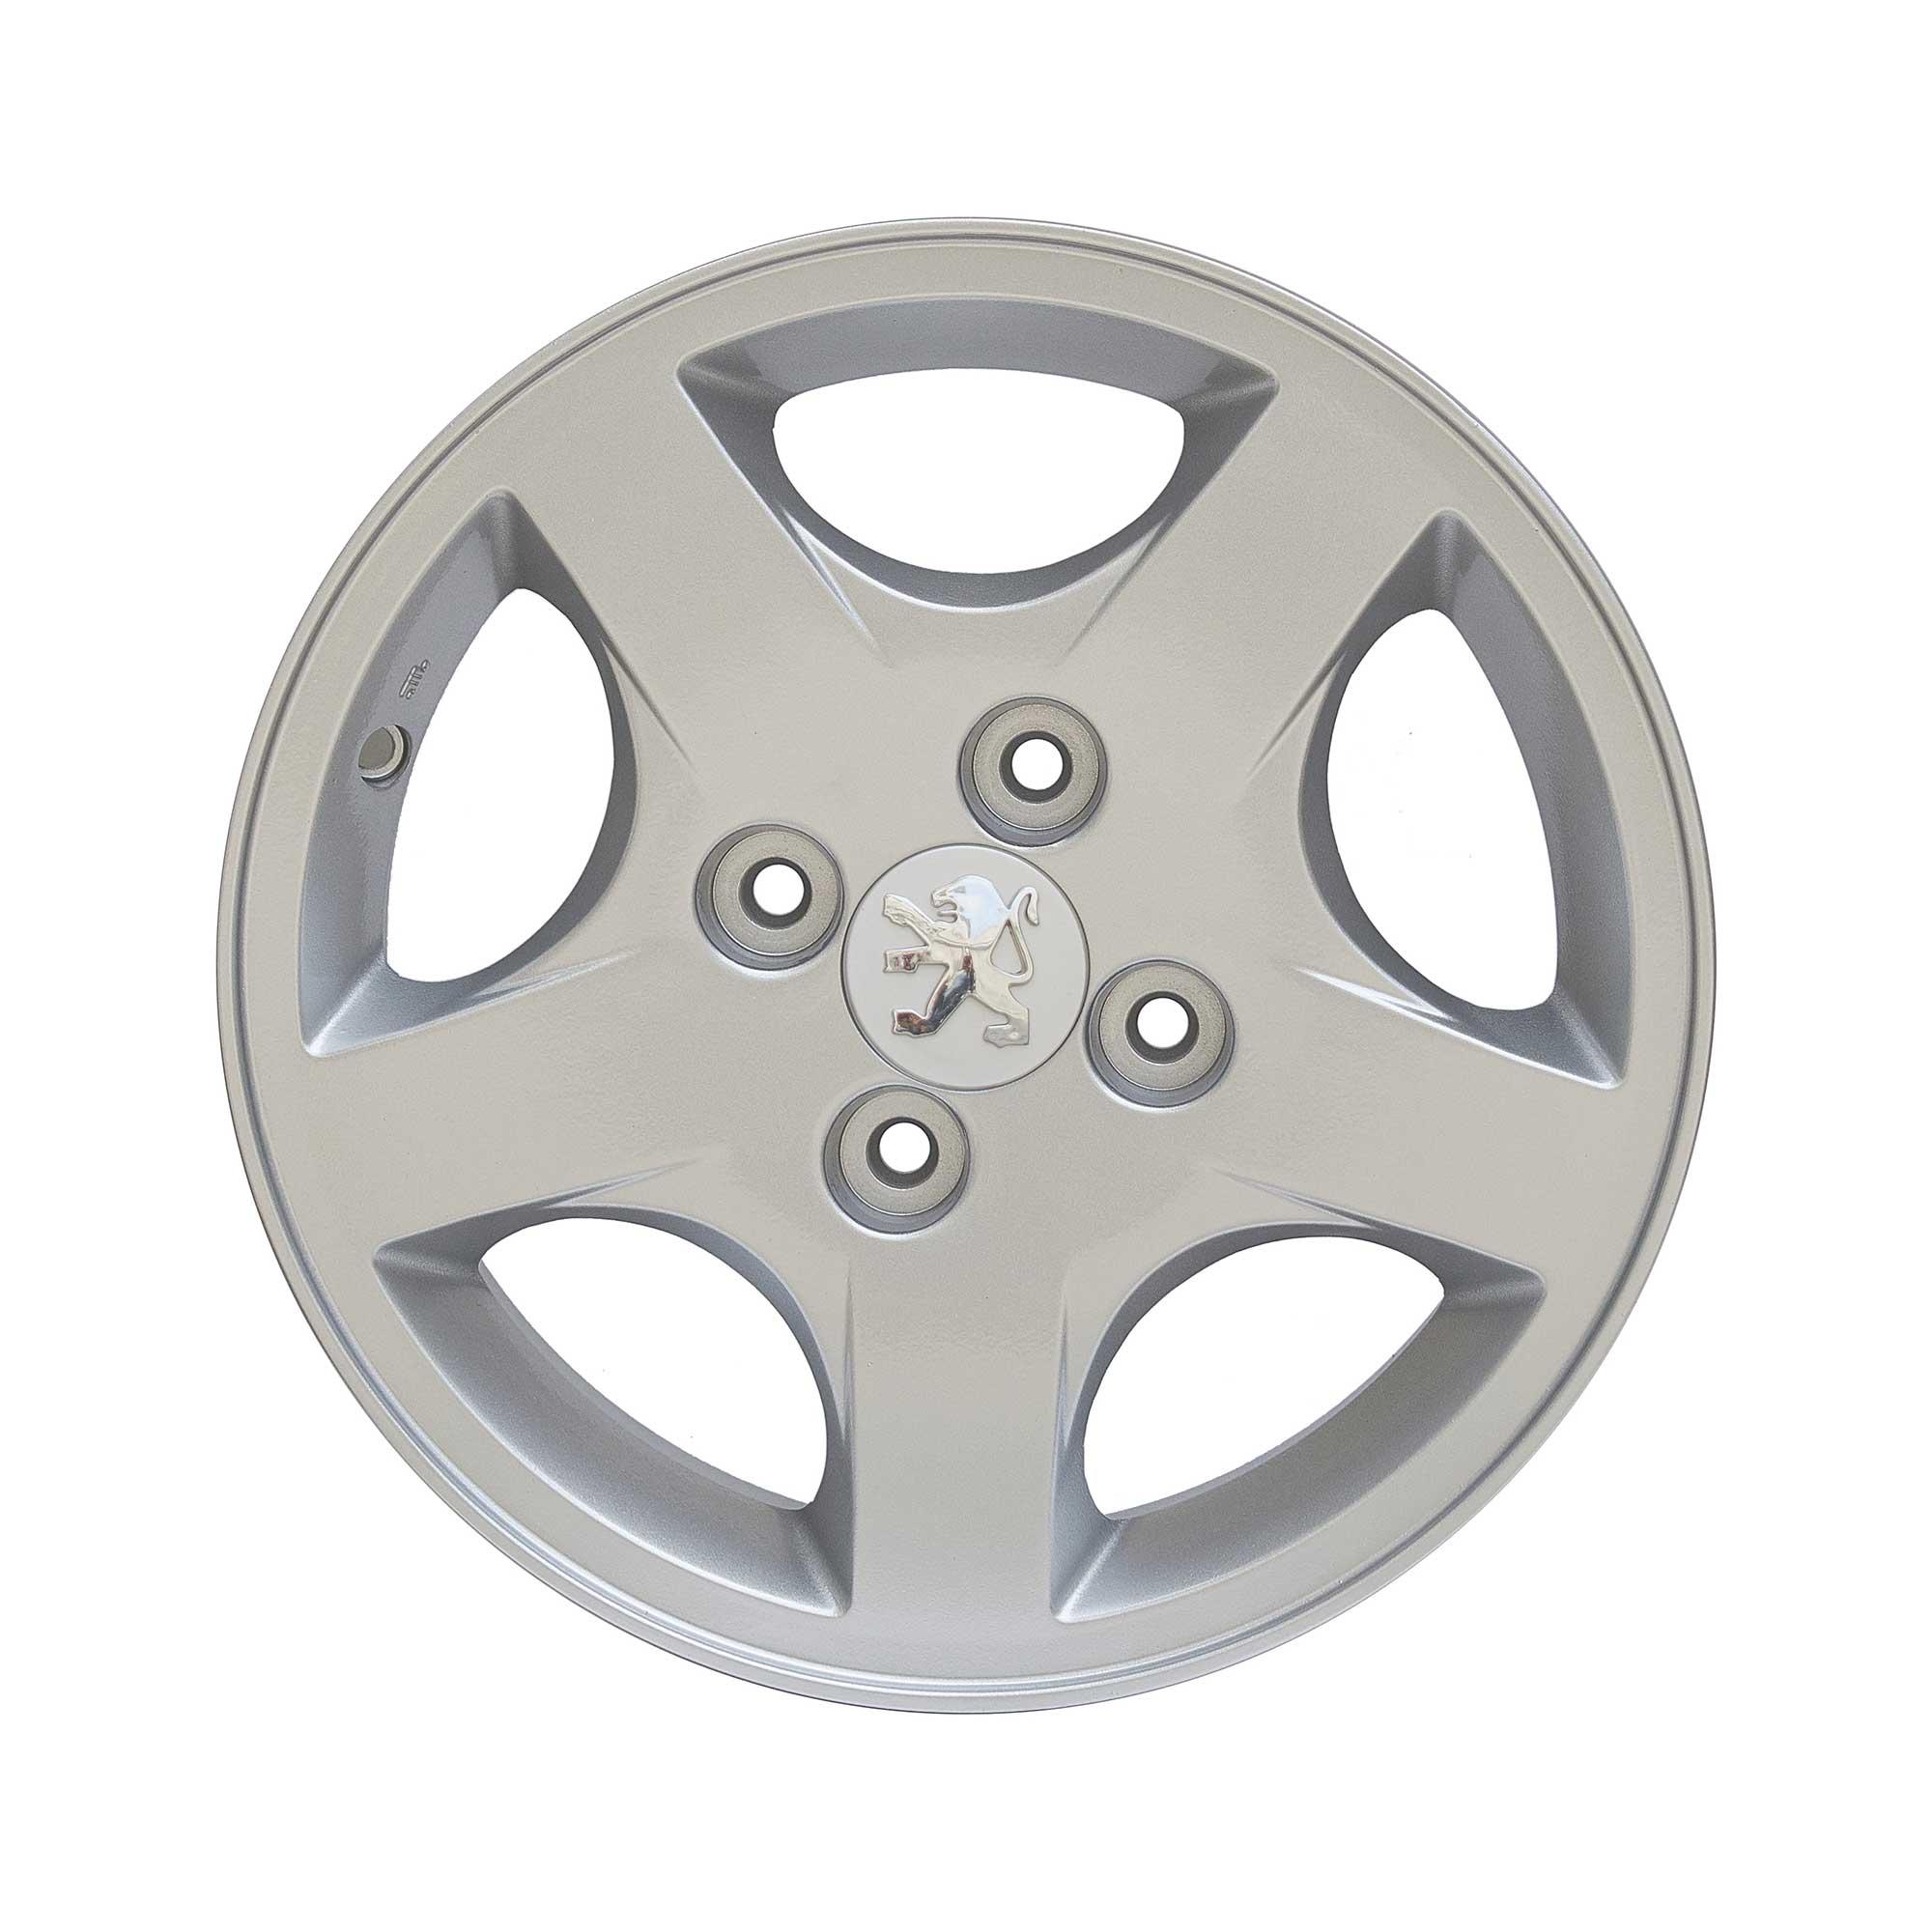 رینگ چرخ مدل KW018A سایز 14 اینچ